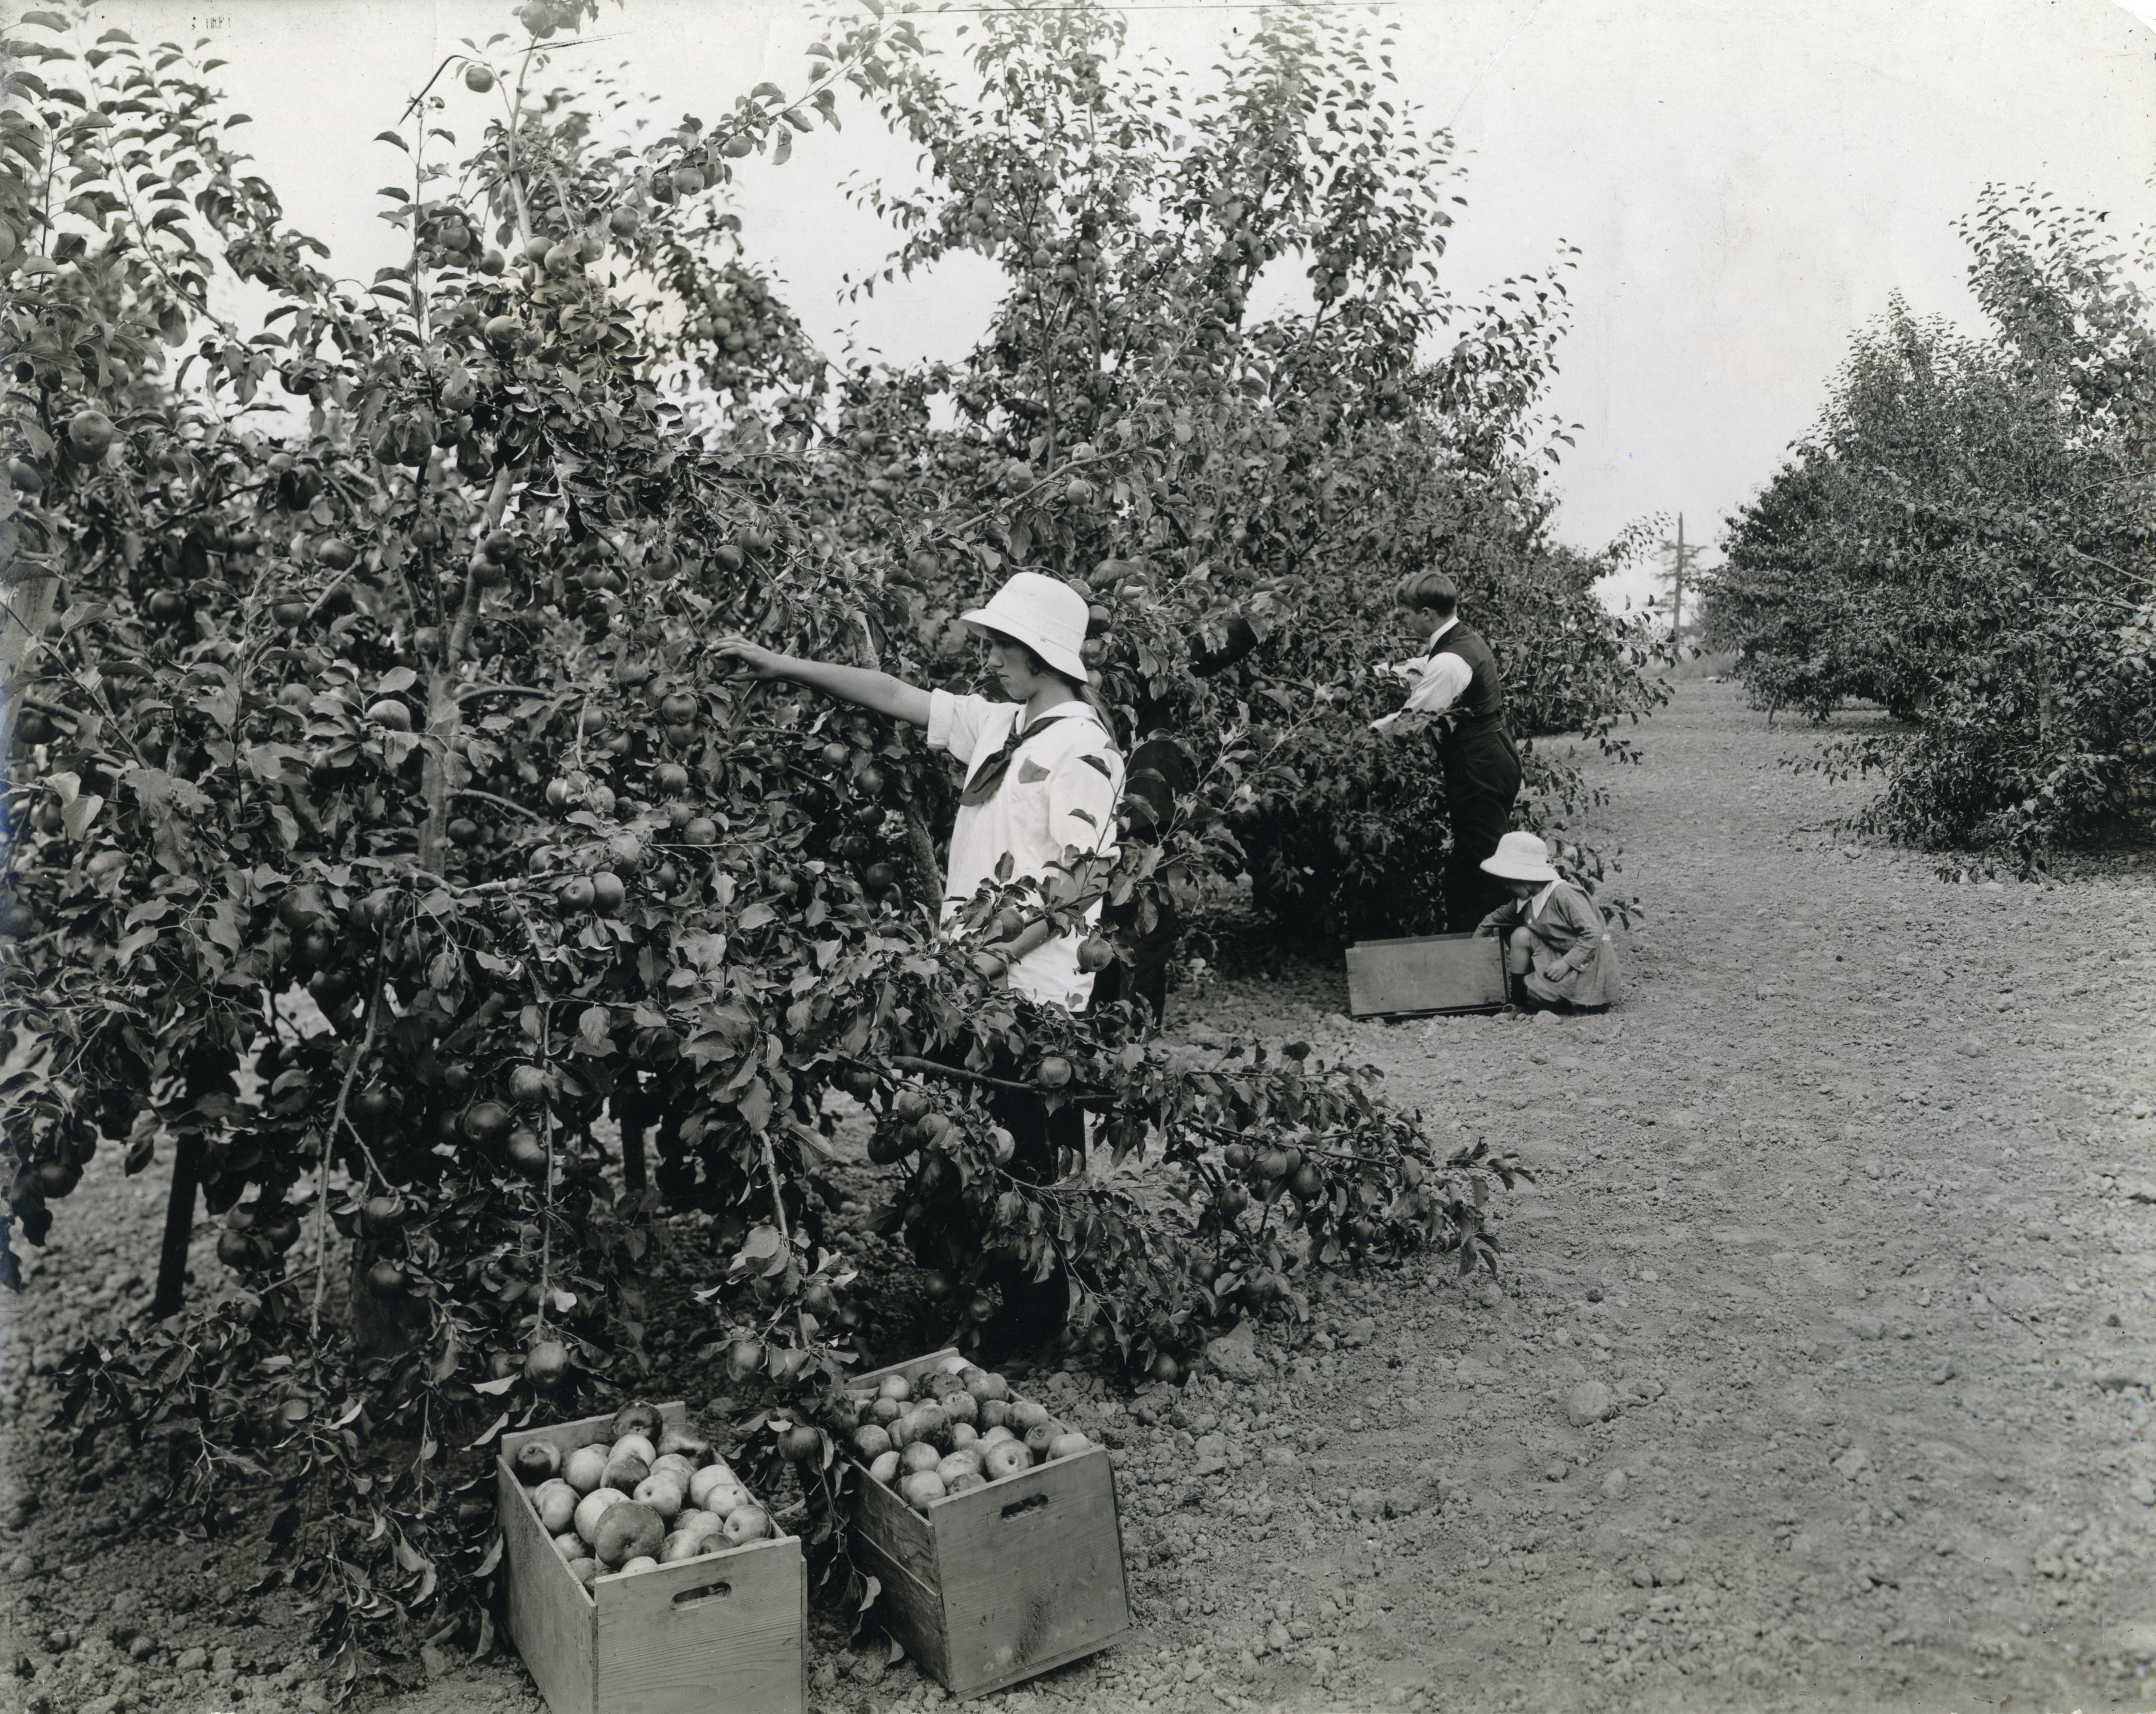 otis orchards black dating site Full real estate market analytics for otis orchards & east farms  across all racial groups: white, black,  otis orchards school 22000 e wellesley ave otis.